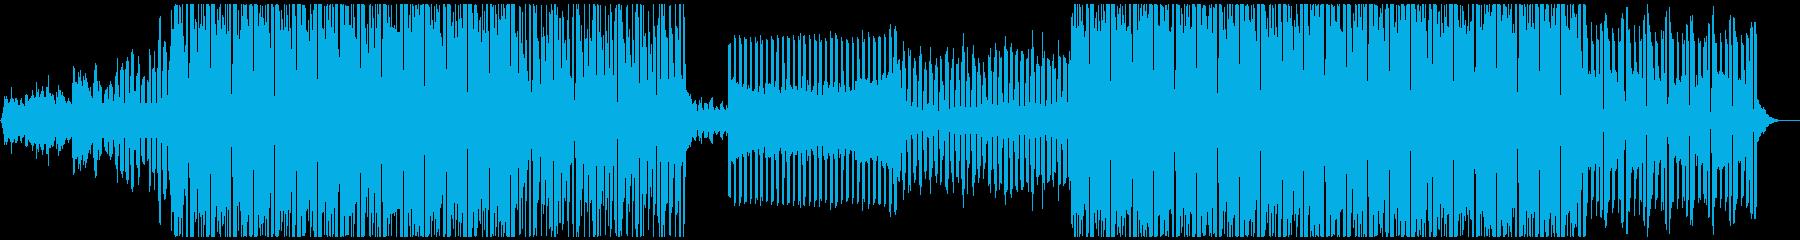 キラキラ透明感エレクトロハウスの再生済みの波形